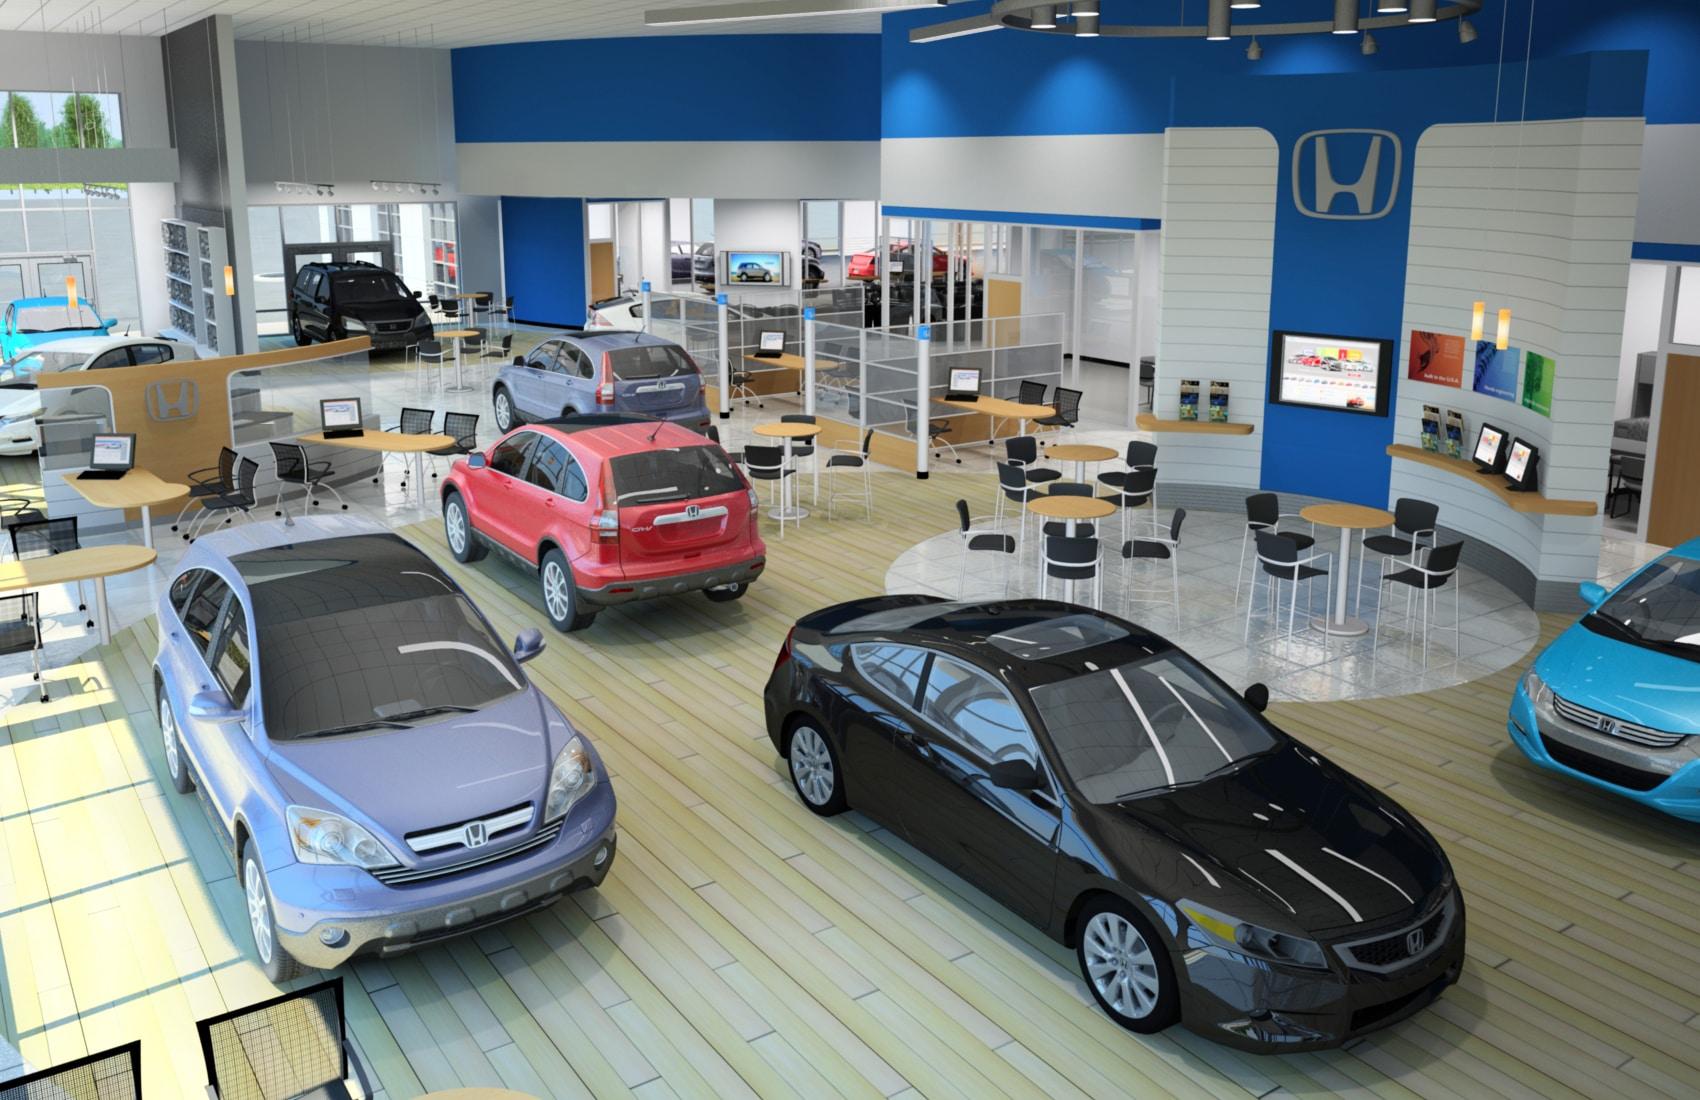 Used Car Dealerships Boise >> All New Larry H. Miller Honda Dealership - Now Open in Boise, Idaho